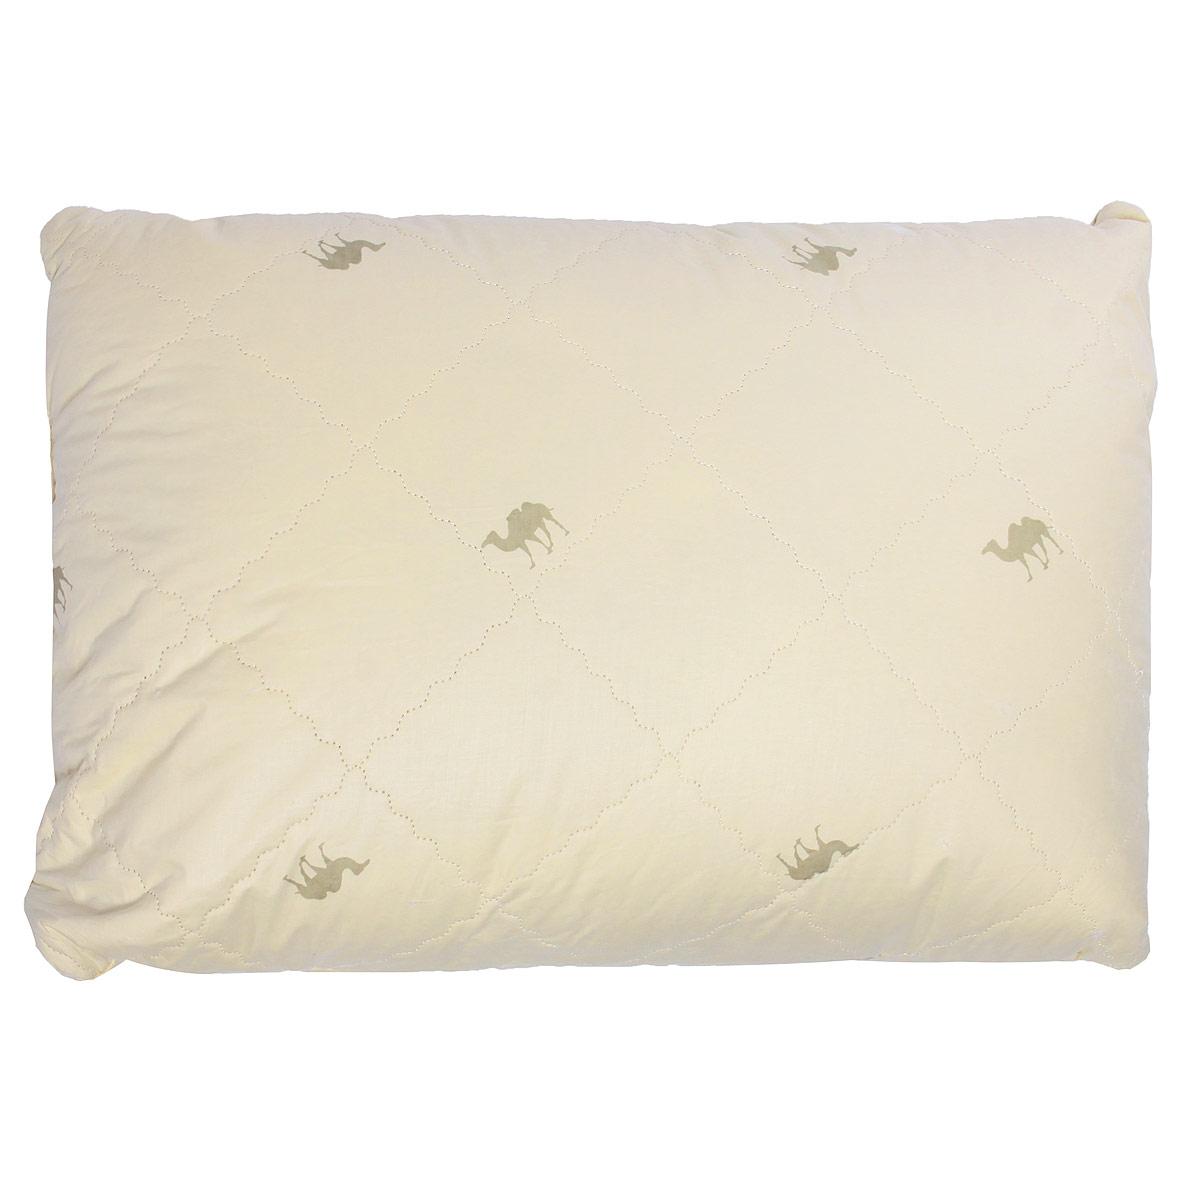 Подушка Verossa, наполнитель: верблюжья шерсть, 50 х 70 см